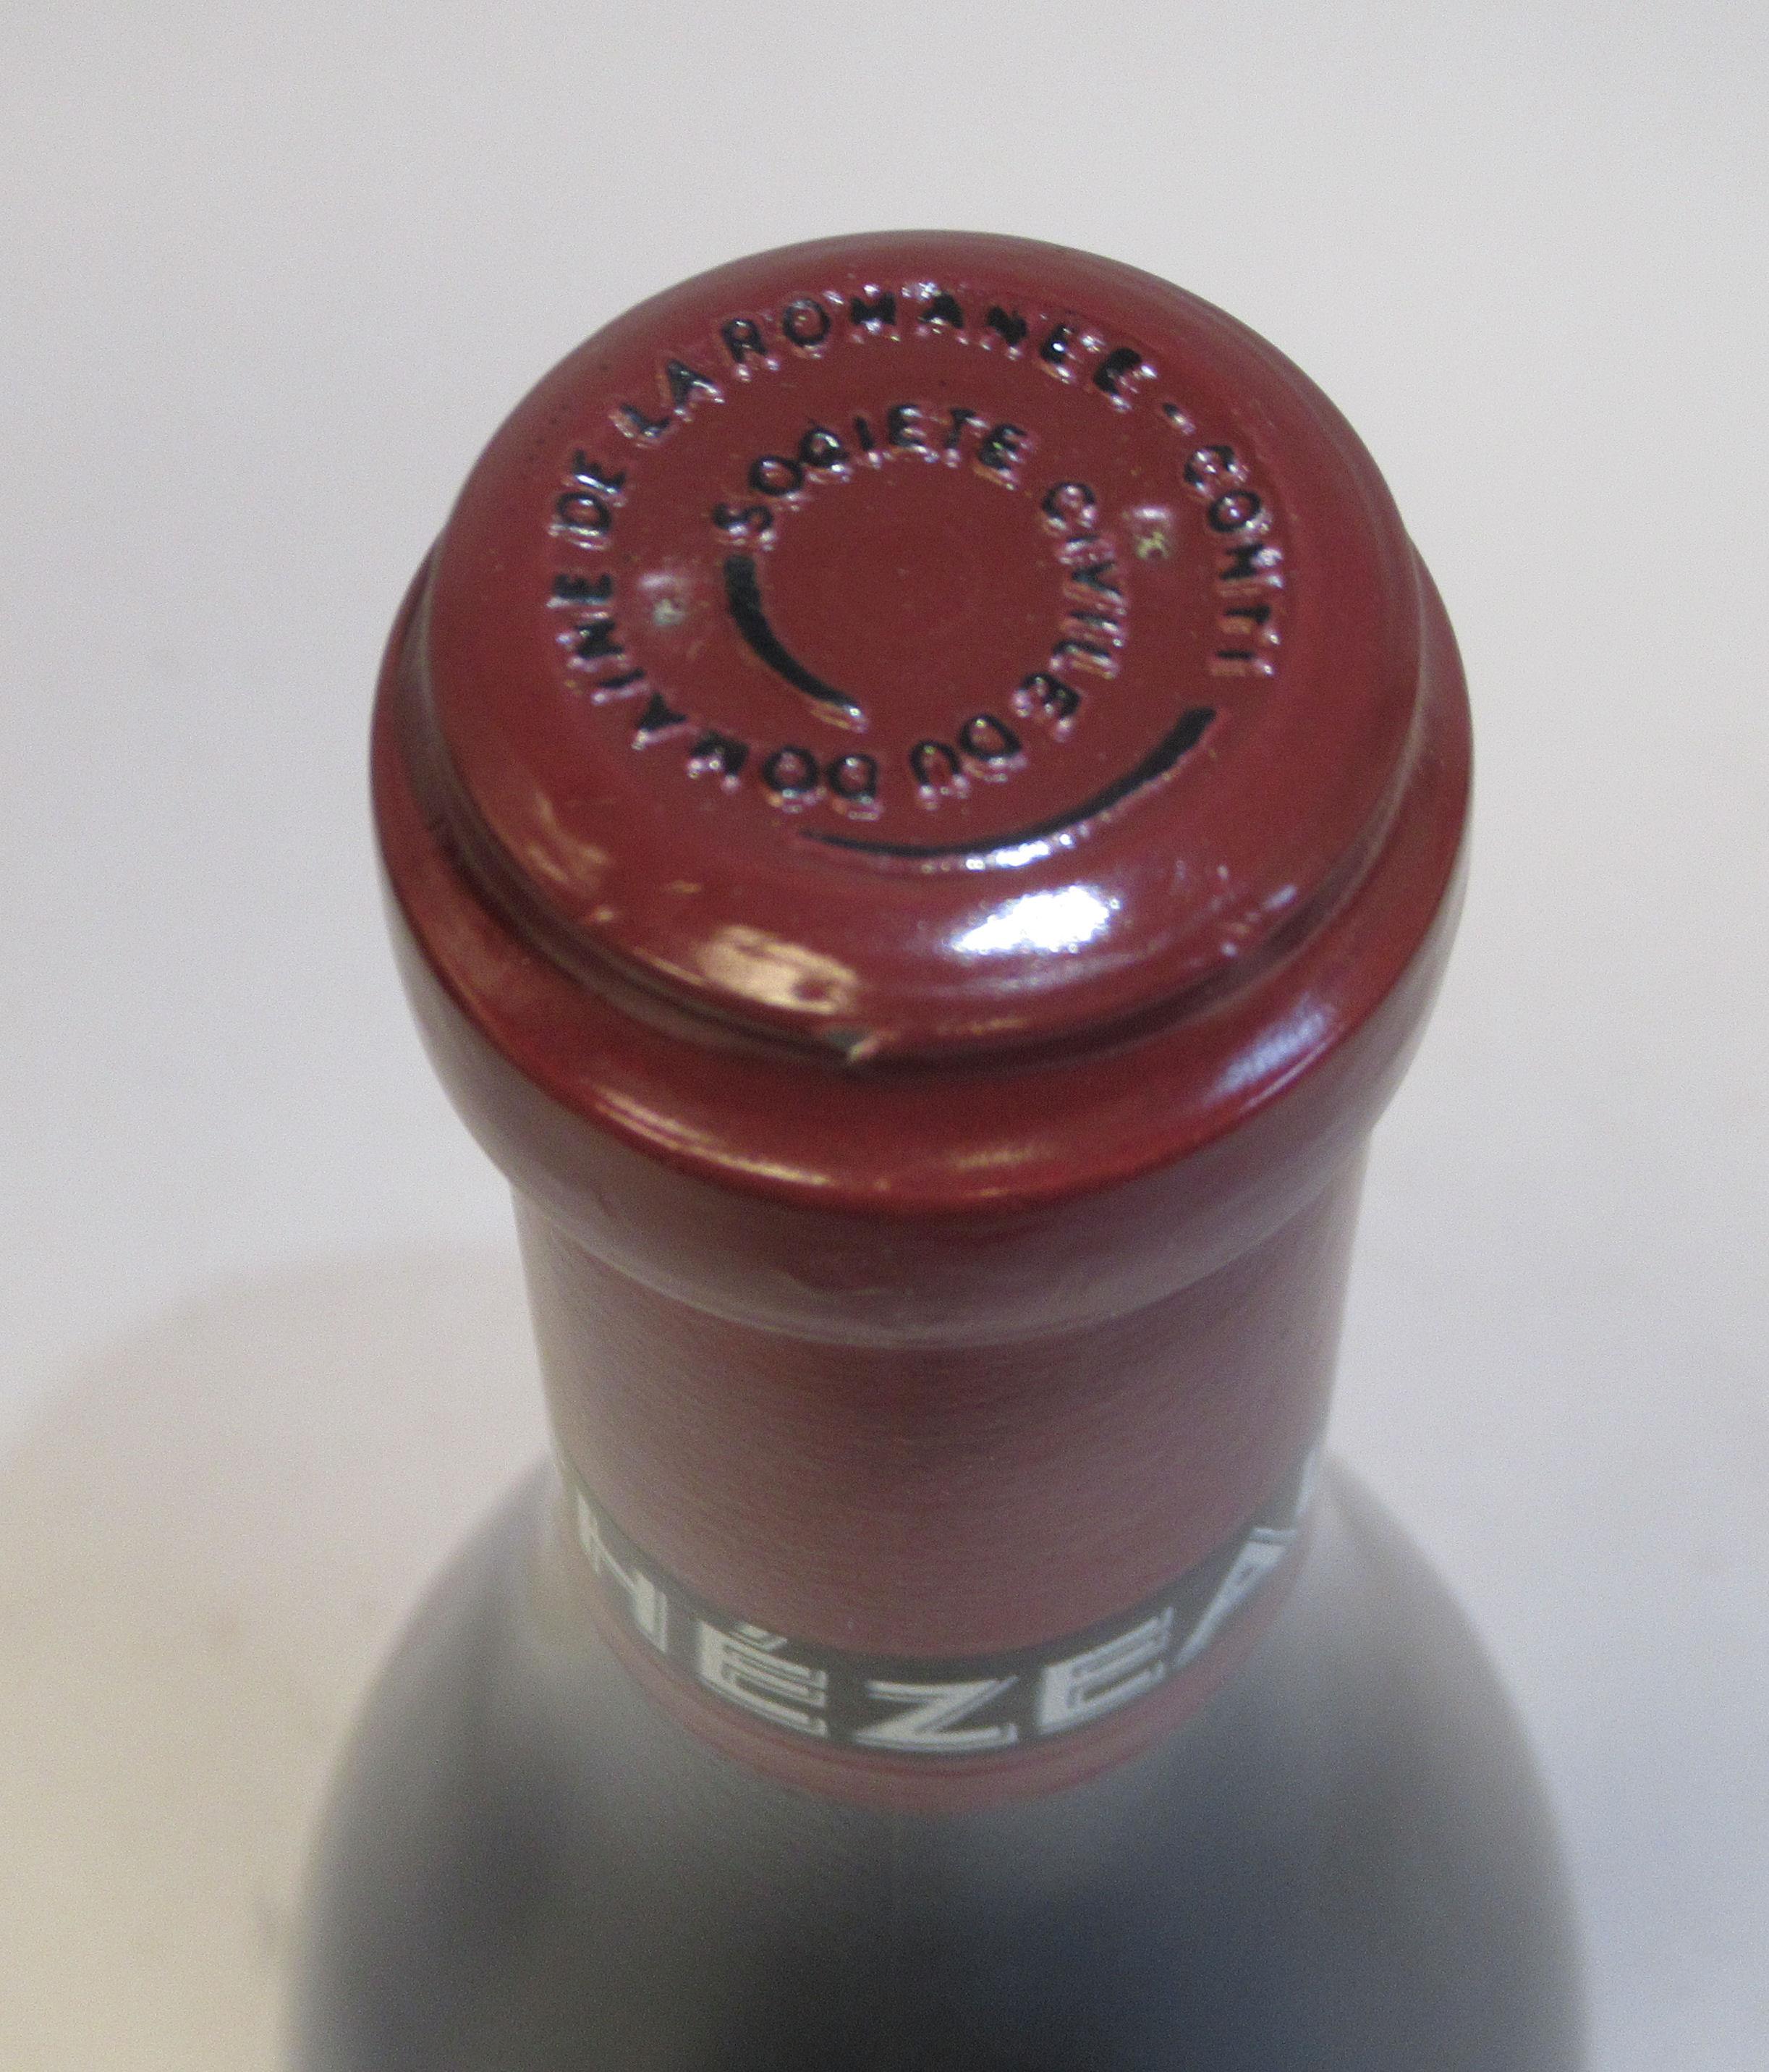 Wine, a bottle of 1996 Echezeaux Domaine De La Romanee-Conti (bottle number 06150) - Image 3 of 3